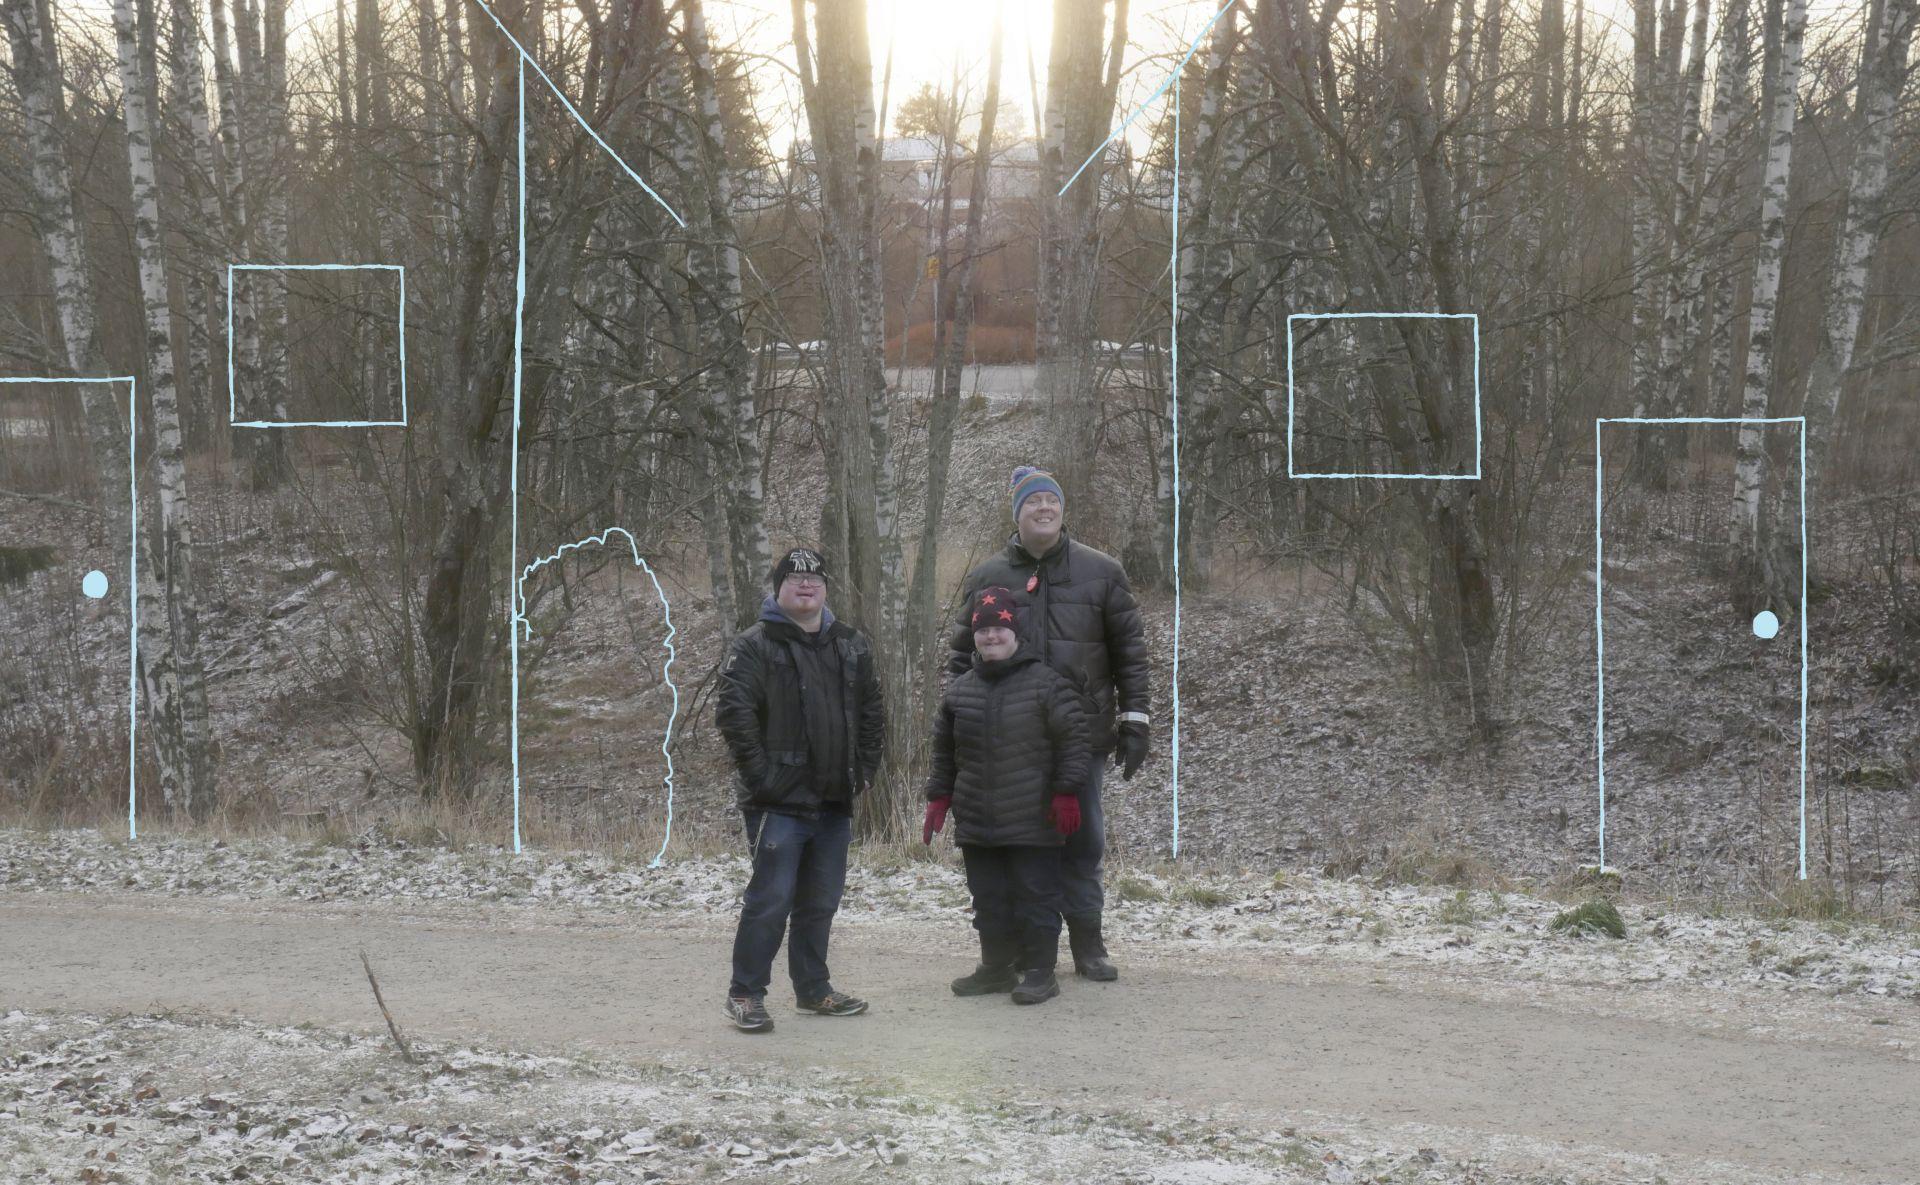 Kolme ihmistä seisoo keväisessä maisemaassa. Taustalle on piirretty taloja.